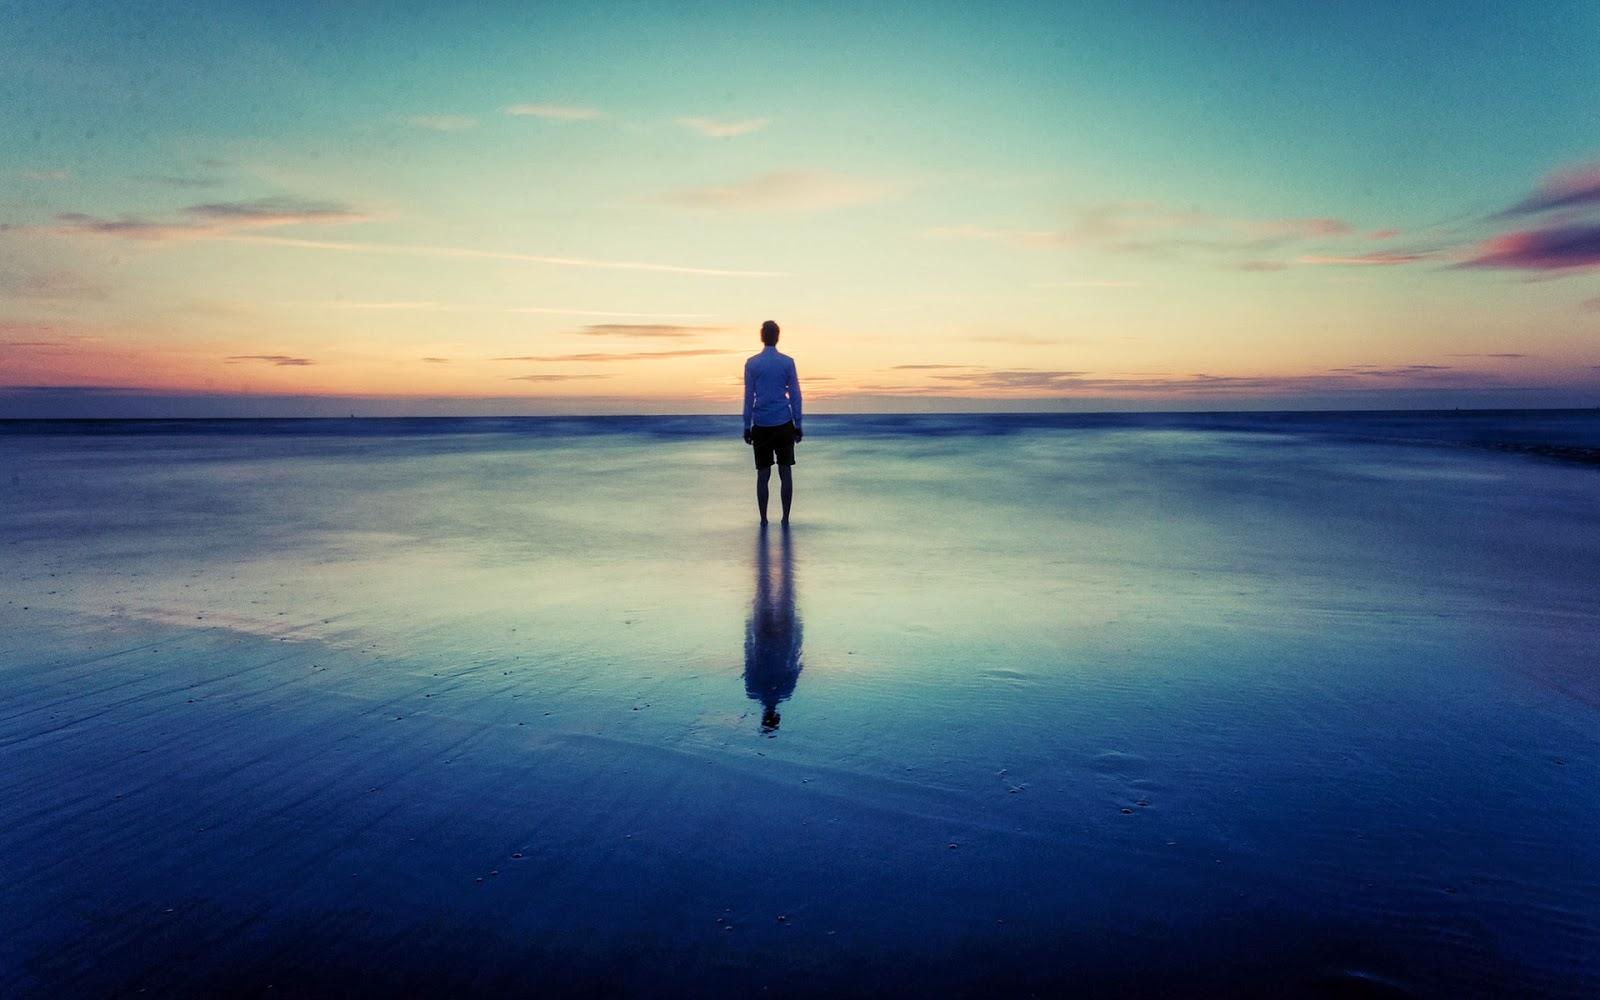 Koleksi terbaru gambar gambar keren yang menunjukkan kesendirian cowok